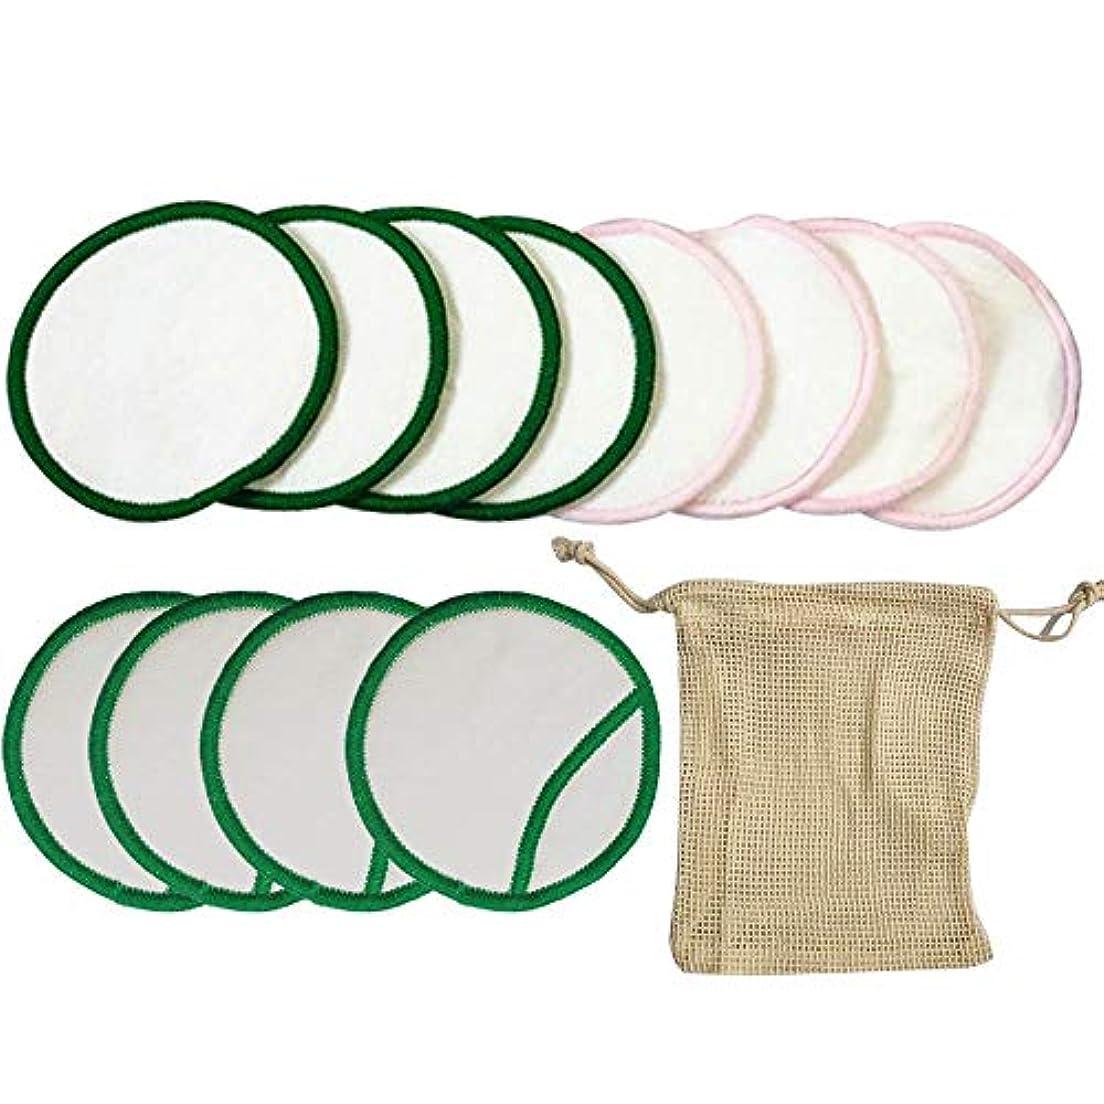 寝てるキルスストレス12pcsメイクアップリムーバーパッド再利用可能な洗濯可能な3層竹フェイシャルクレンジングコットンワイプスキンケア用品用収納バッグ付き